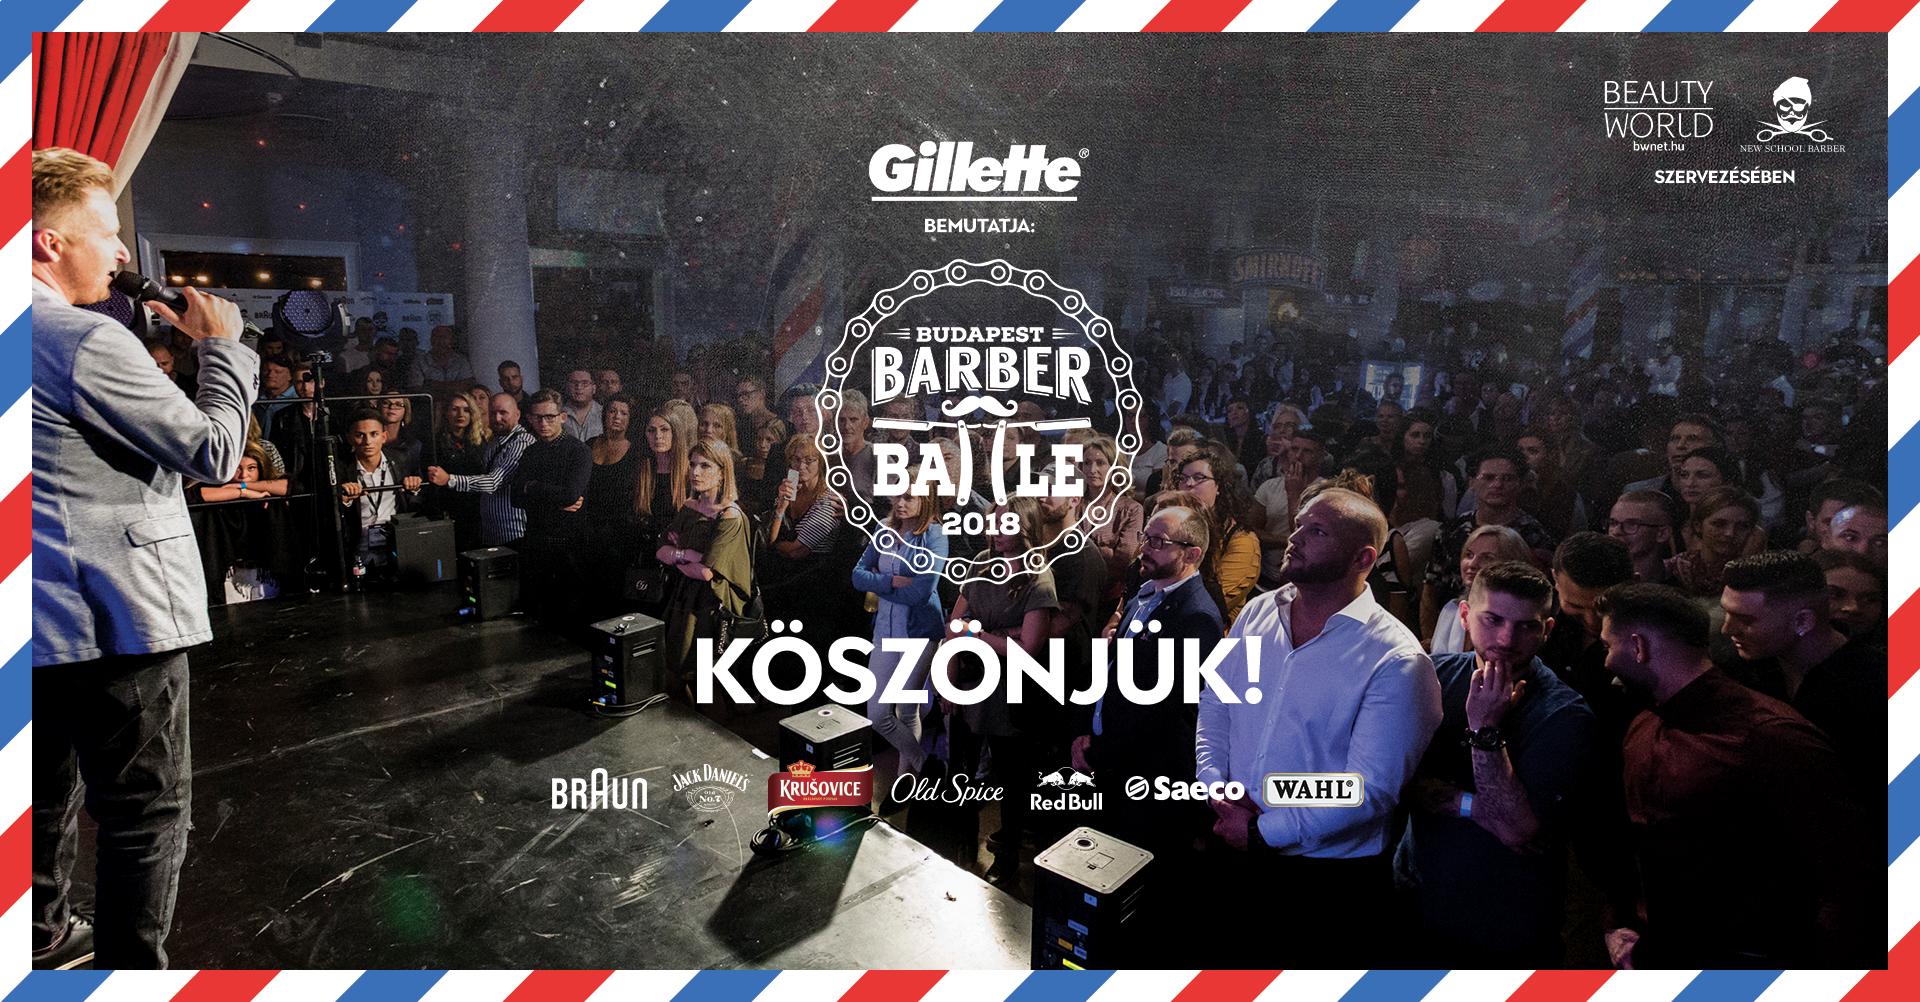 A Barber Battle Budapest fodrászverseny szervezői- a Beauty World Net és New School Barber Team- arra vállalkoztak, hogy csatába hívják Magyarország legjobb barber- fodrász és hajtetováló szakembereit. Az est házigazdái: Kiss Orsi /KISÓ/ és Győri Szabolcs voltak.